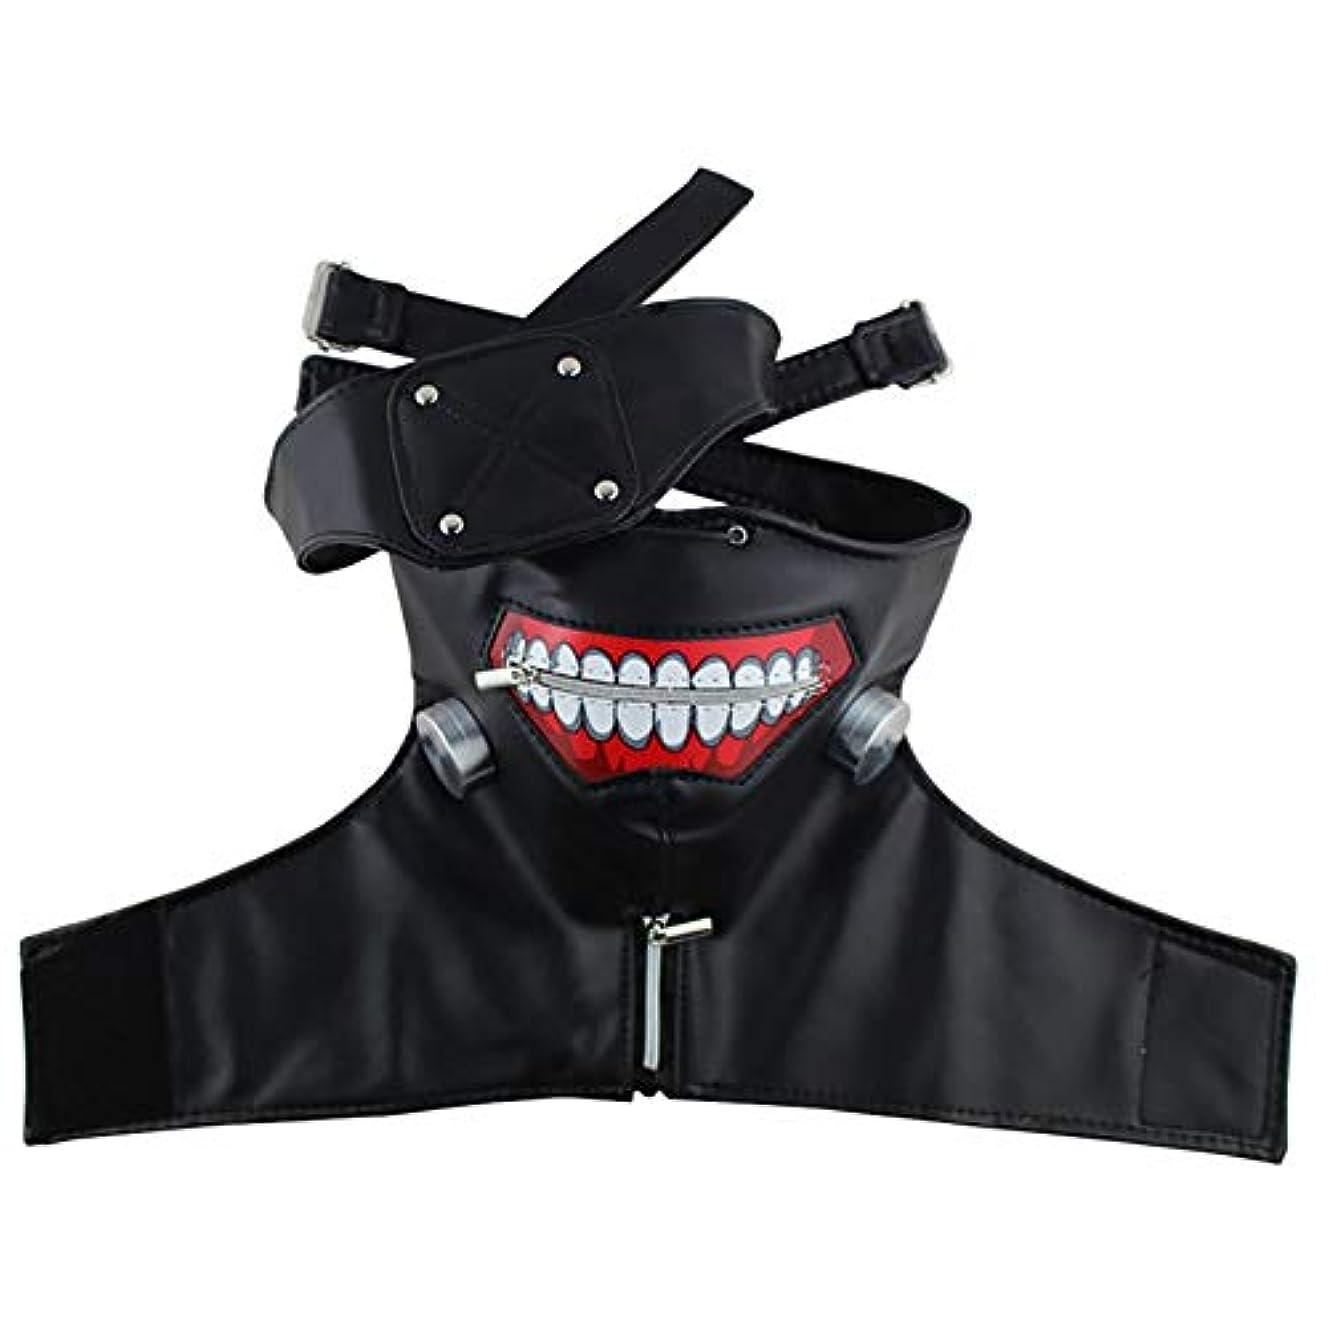 結晶援助するローブEsolom 東京マスク 3D PUレザーマスク 調整可能なジッパー衣装小道具 アニメ ゴールデンウッドマスク ハロウィンロールプレイング